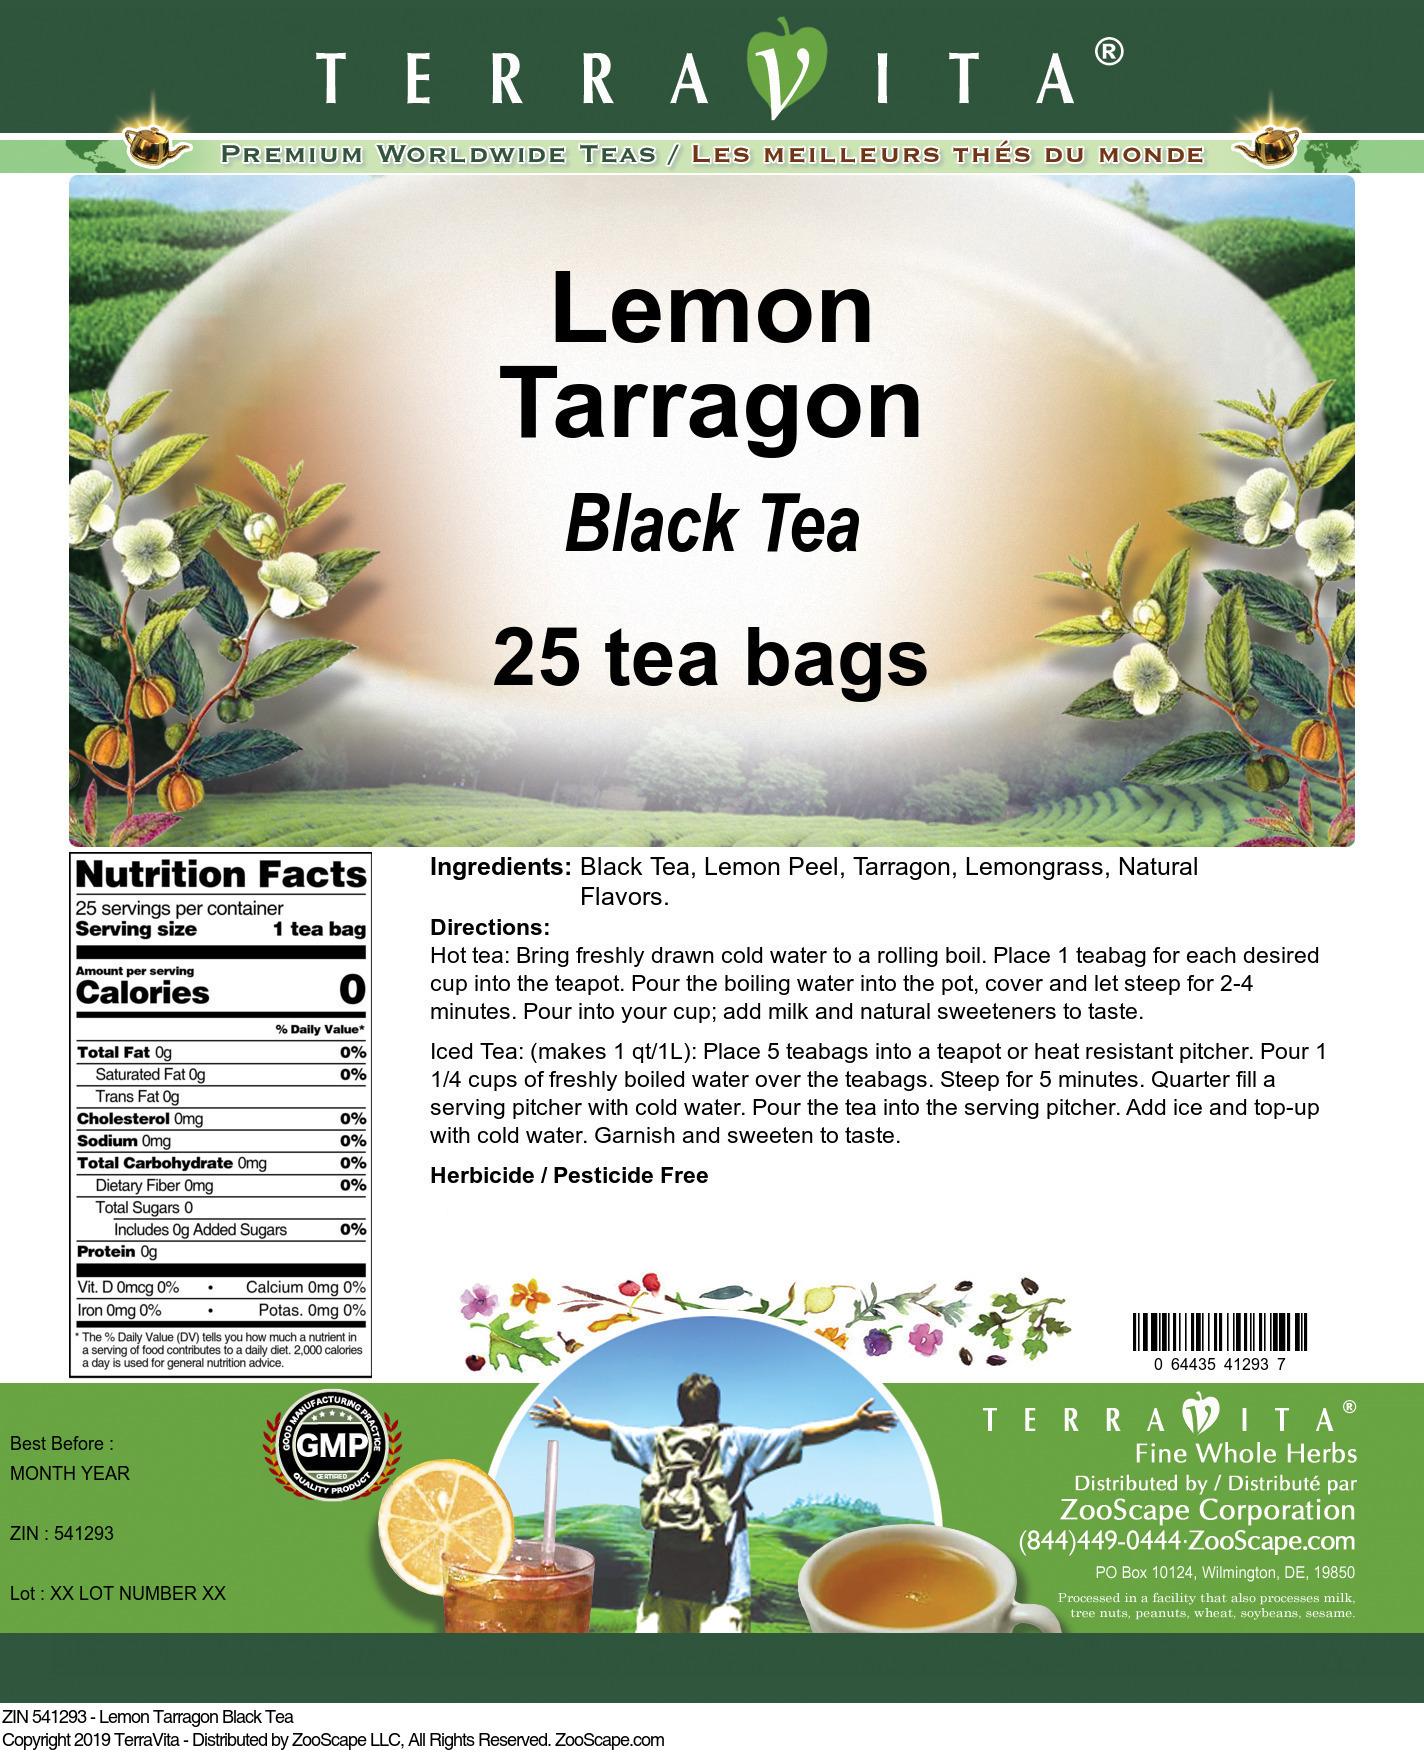 Lemon Tarragon Black Tea